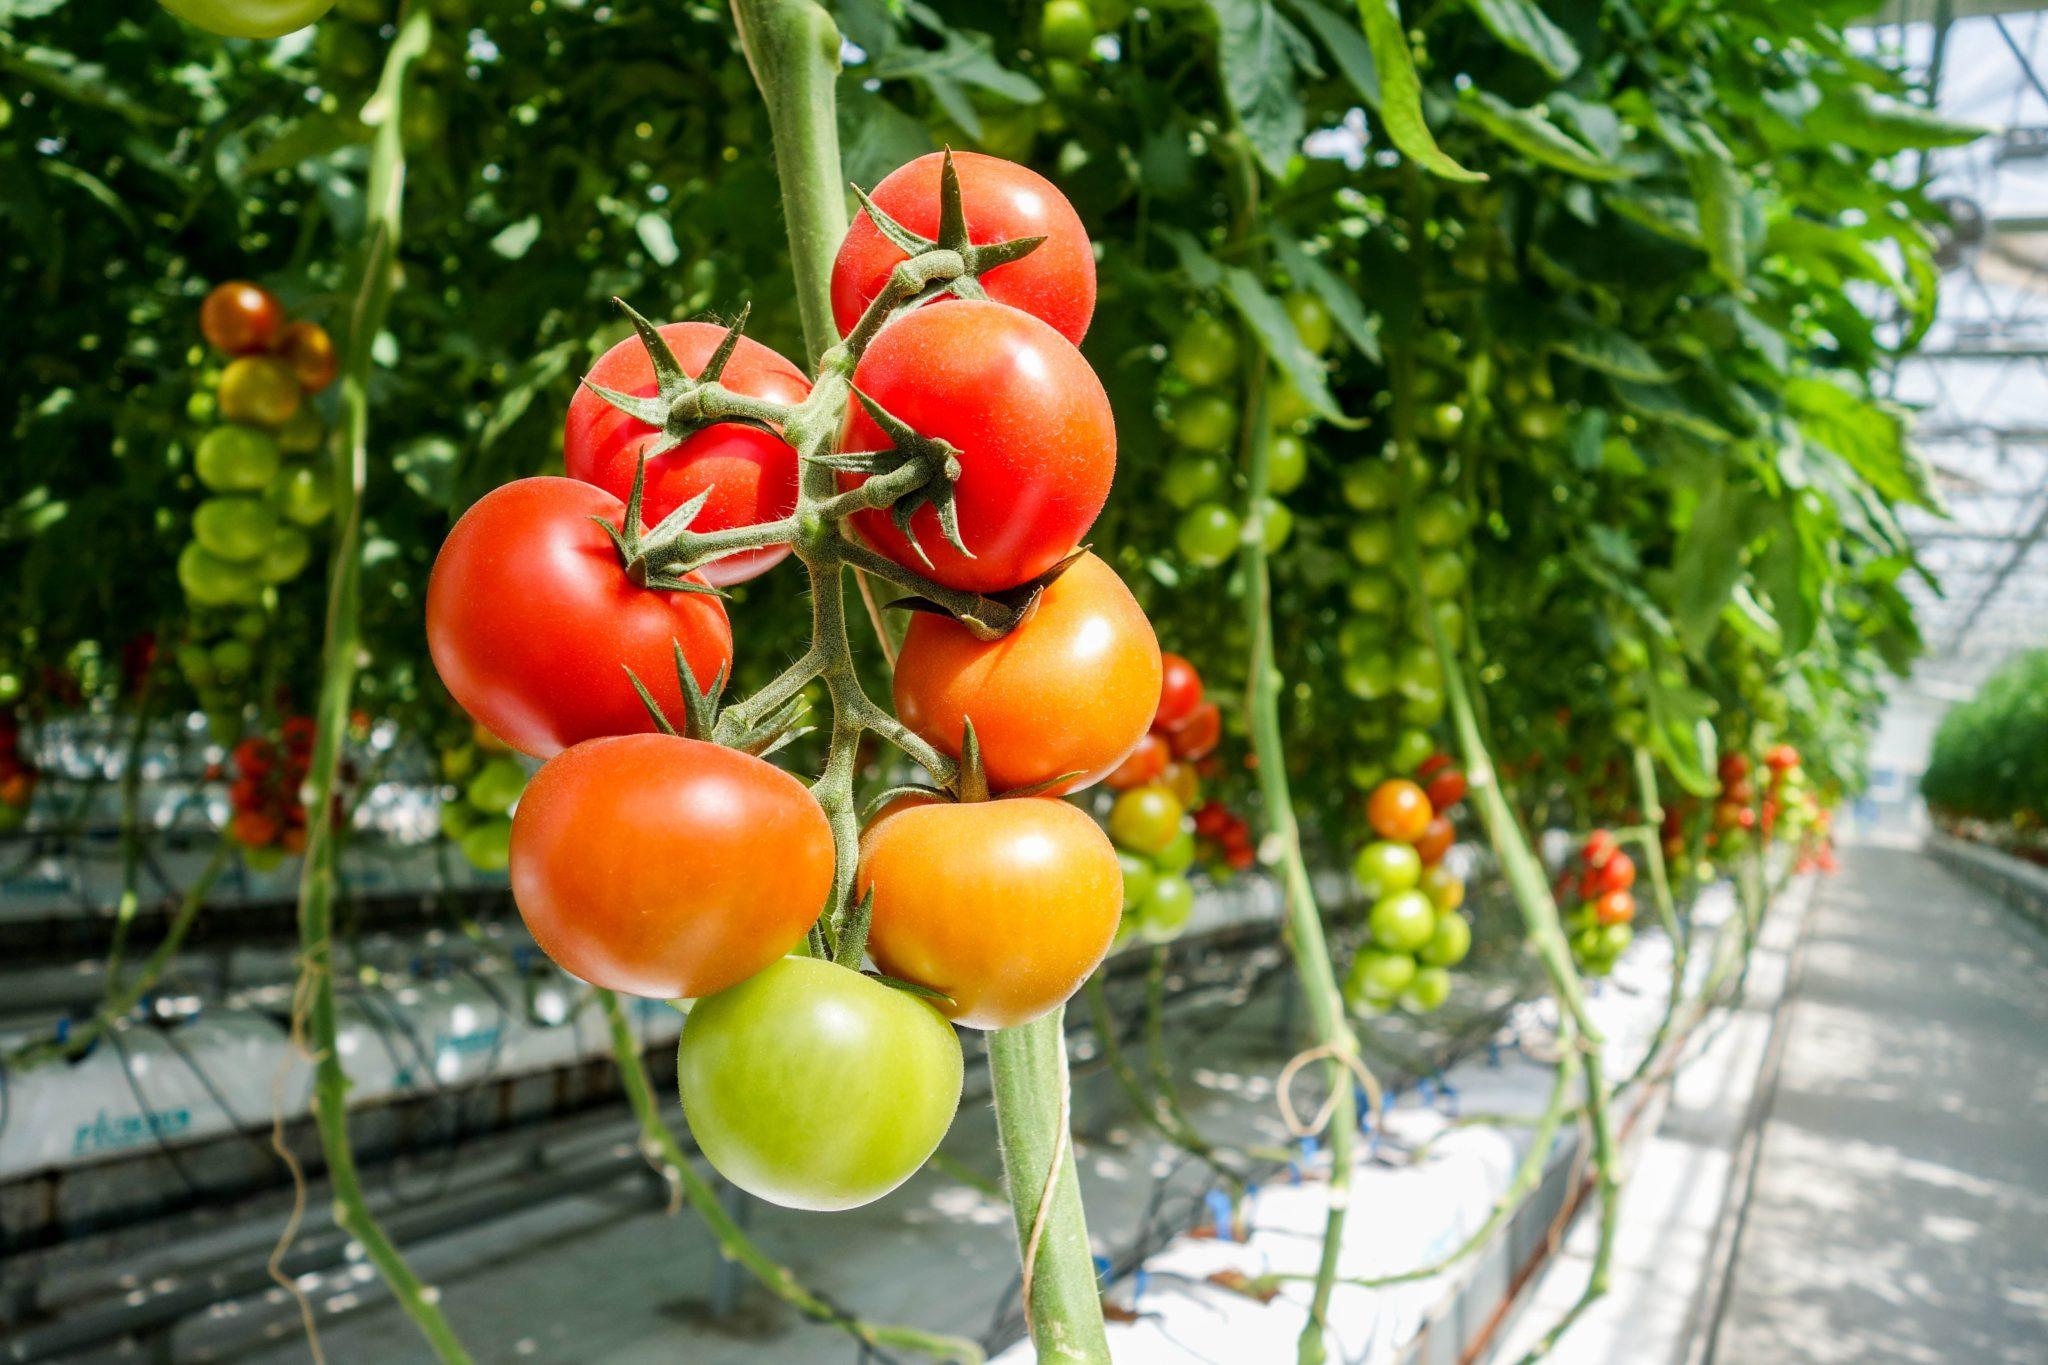 Sustratos para la producción de tomate: En sistemas de cultivo en sustrato, los tomates obtienen sus nutrientes a través del sistema de riego.